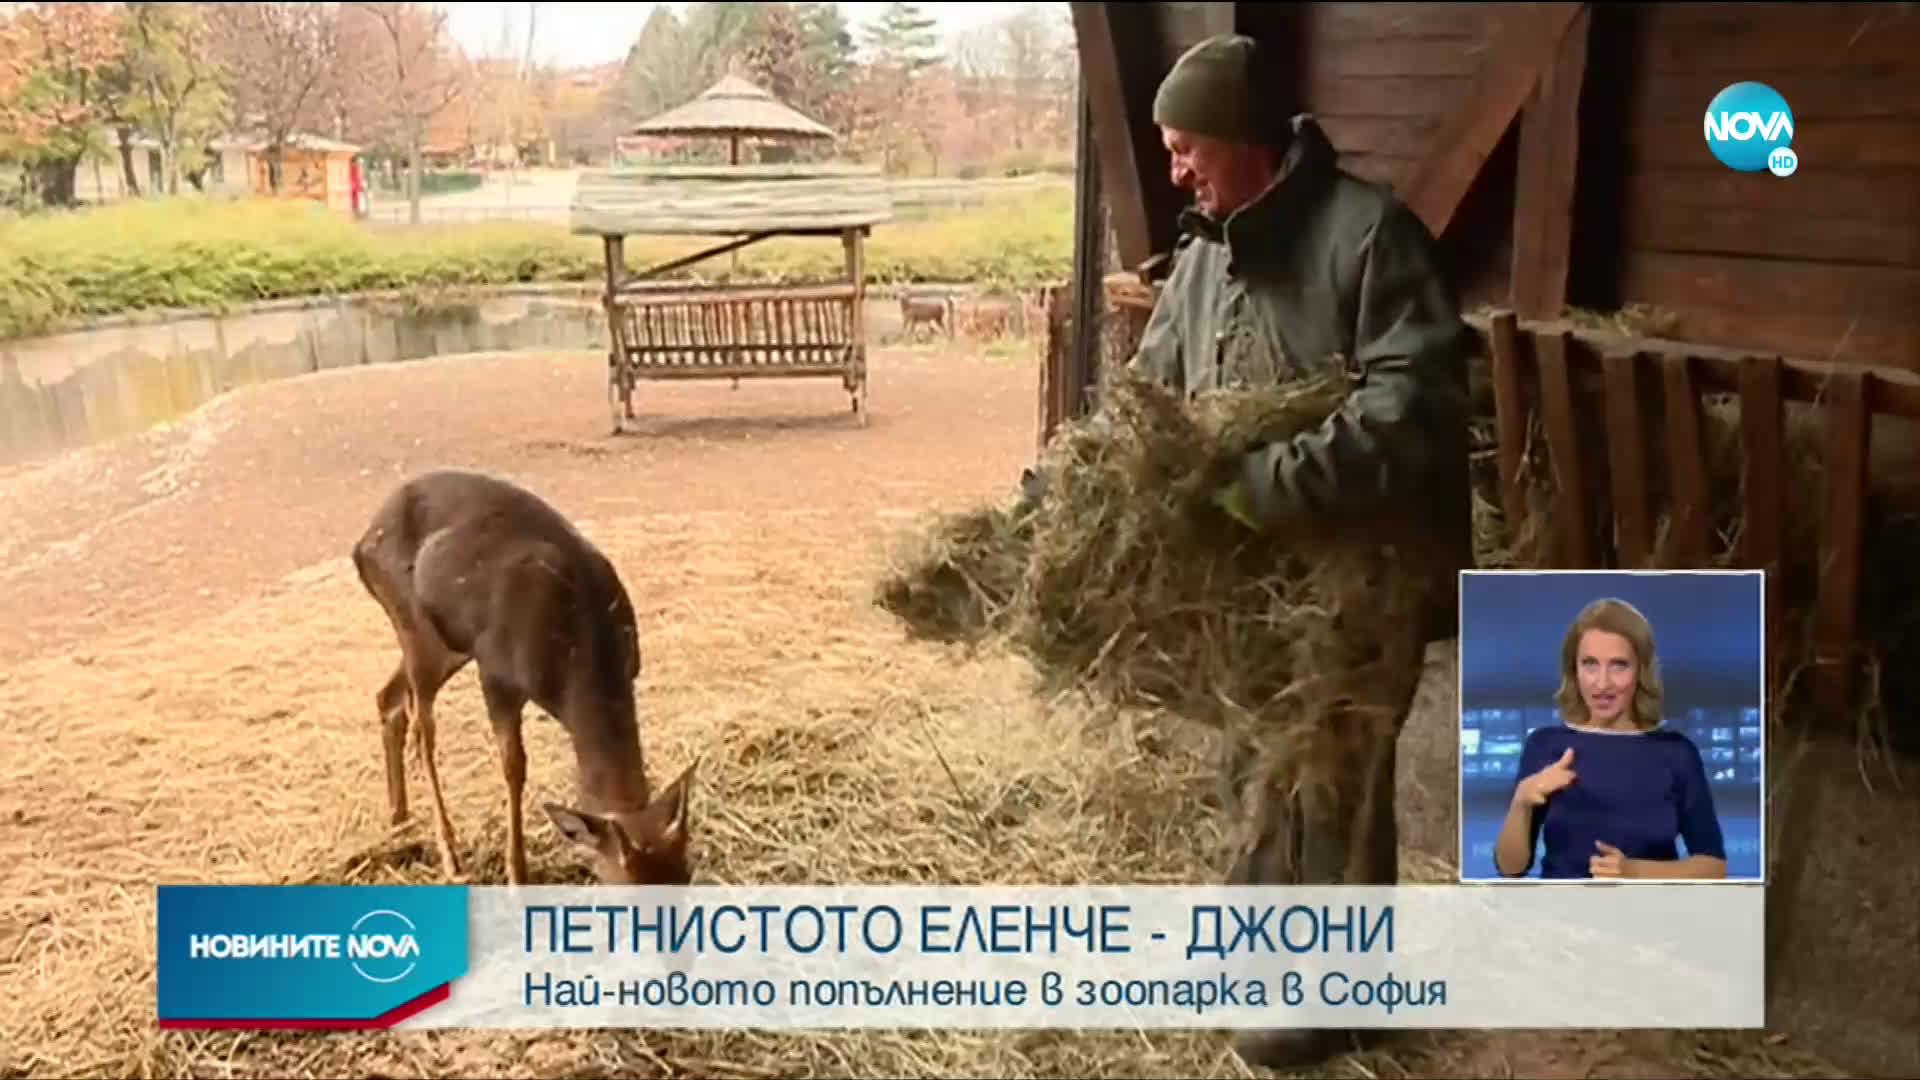 Петнисто еленче - най-новото попълнение в зоопарка в София